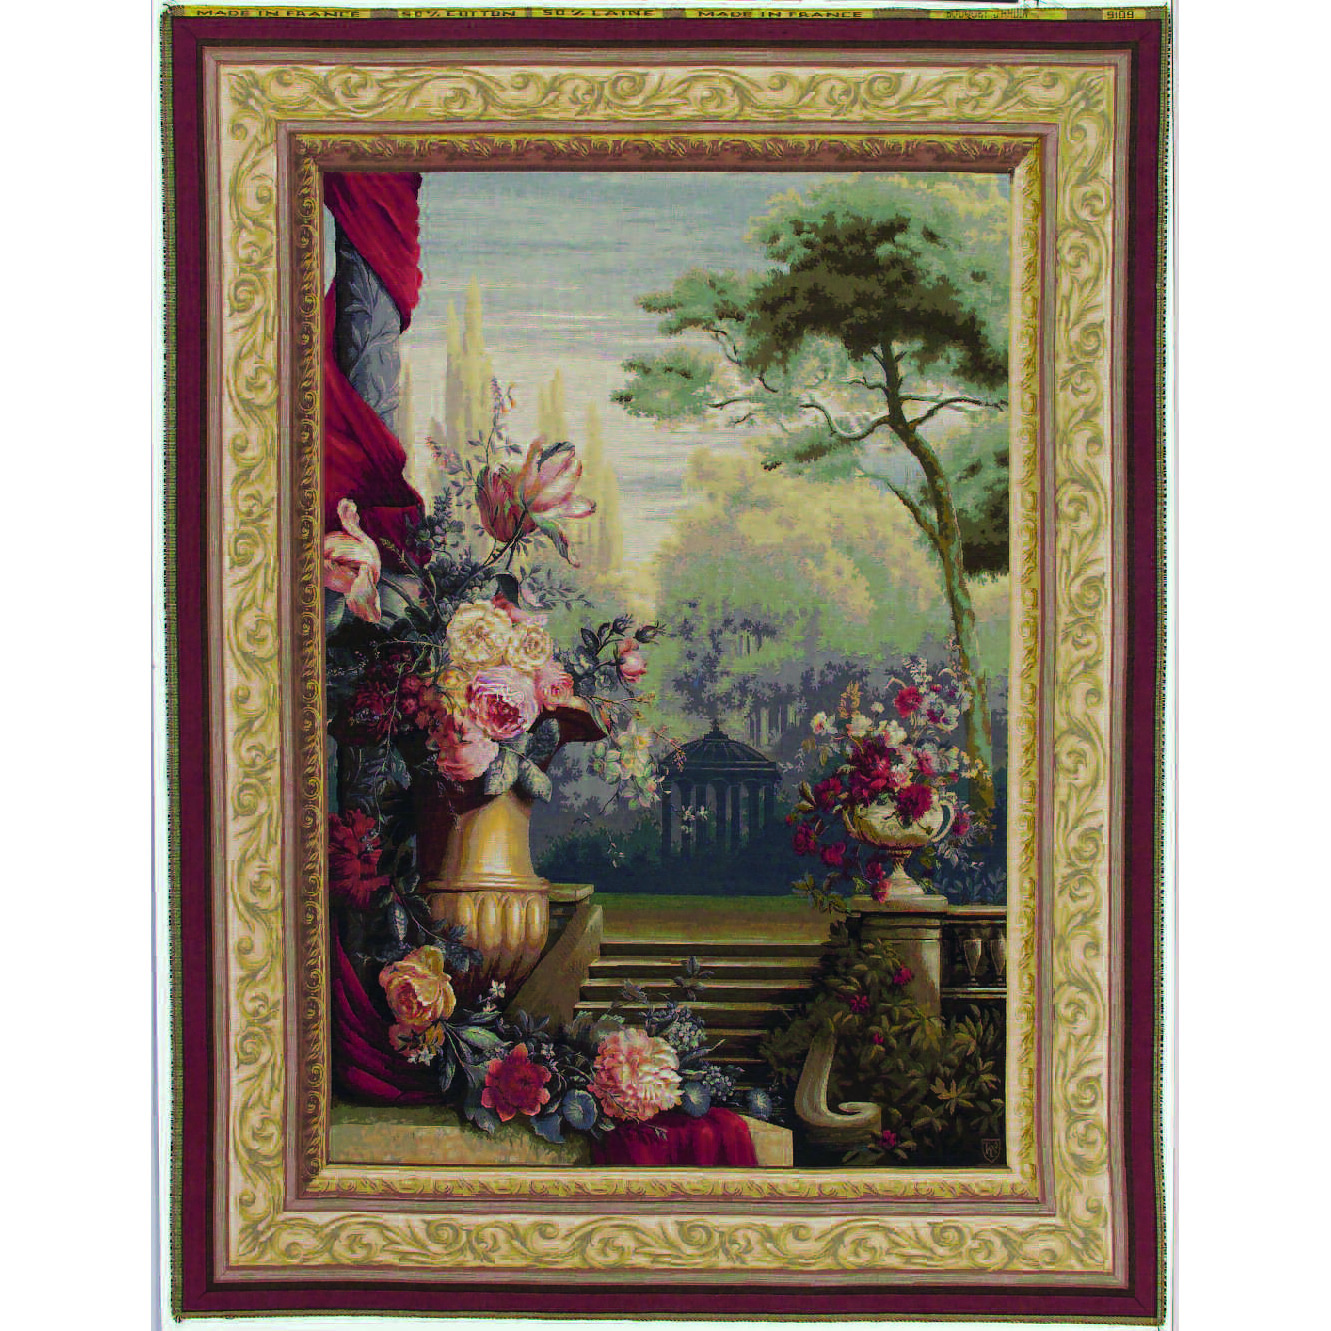 Art De Lys, Bouquet jardin Ref.9109<br>200 x 150 cm 150 x 110 cm